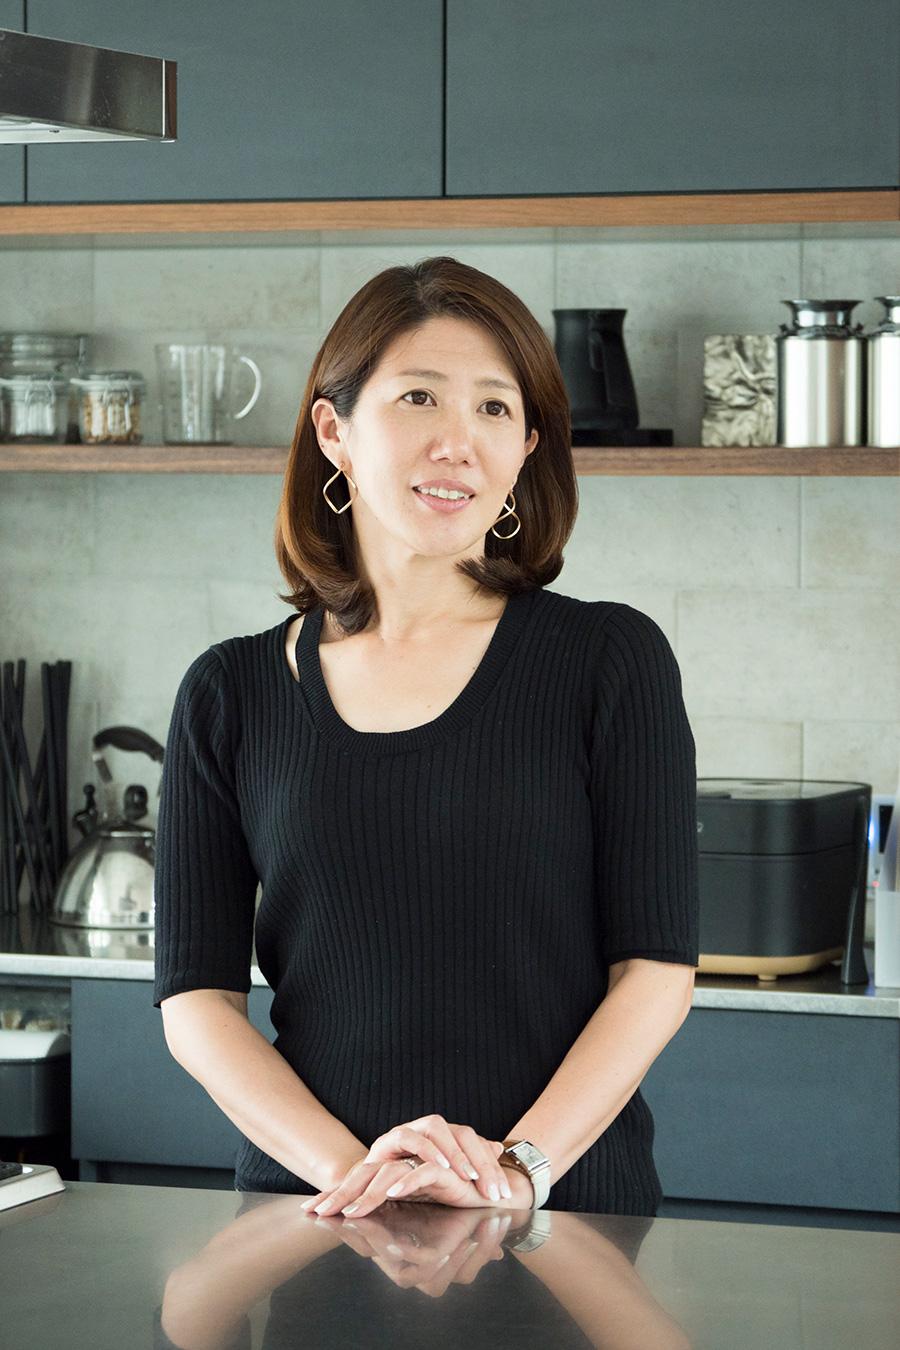 ライフオーガナイザー®森下敦子さん。片づけとともに心も整い始めた経験から、笑顔でいられる仕組みづくりをお手伝い。SMART STORAGE!